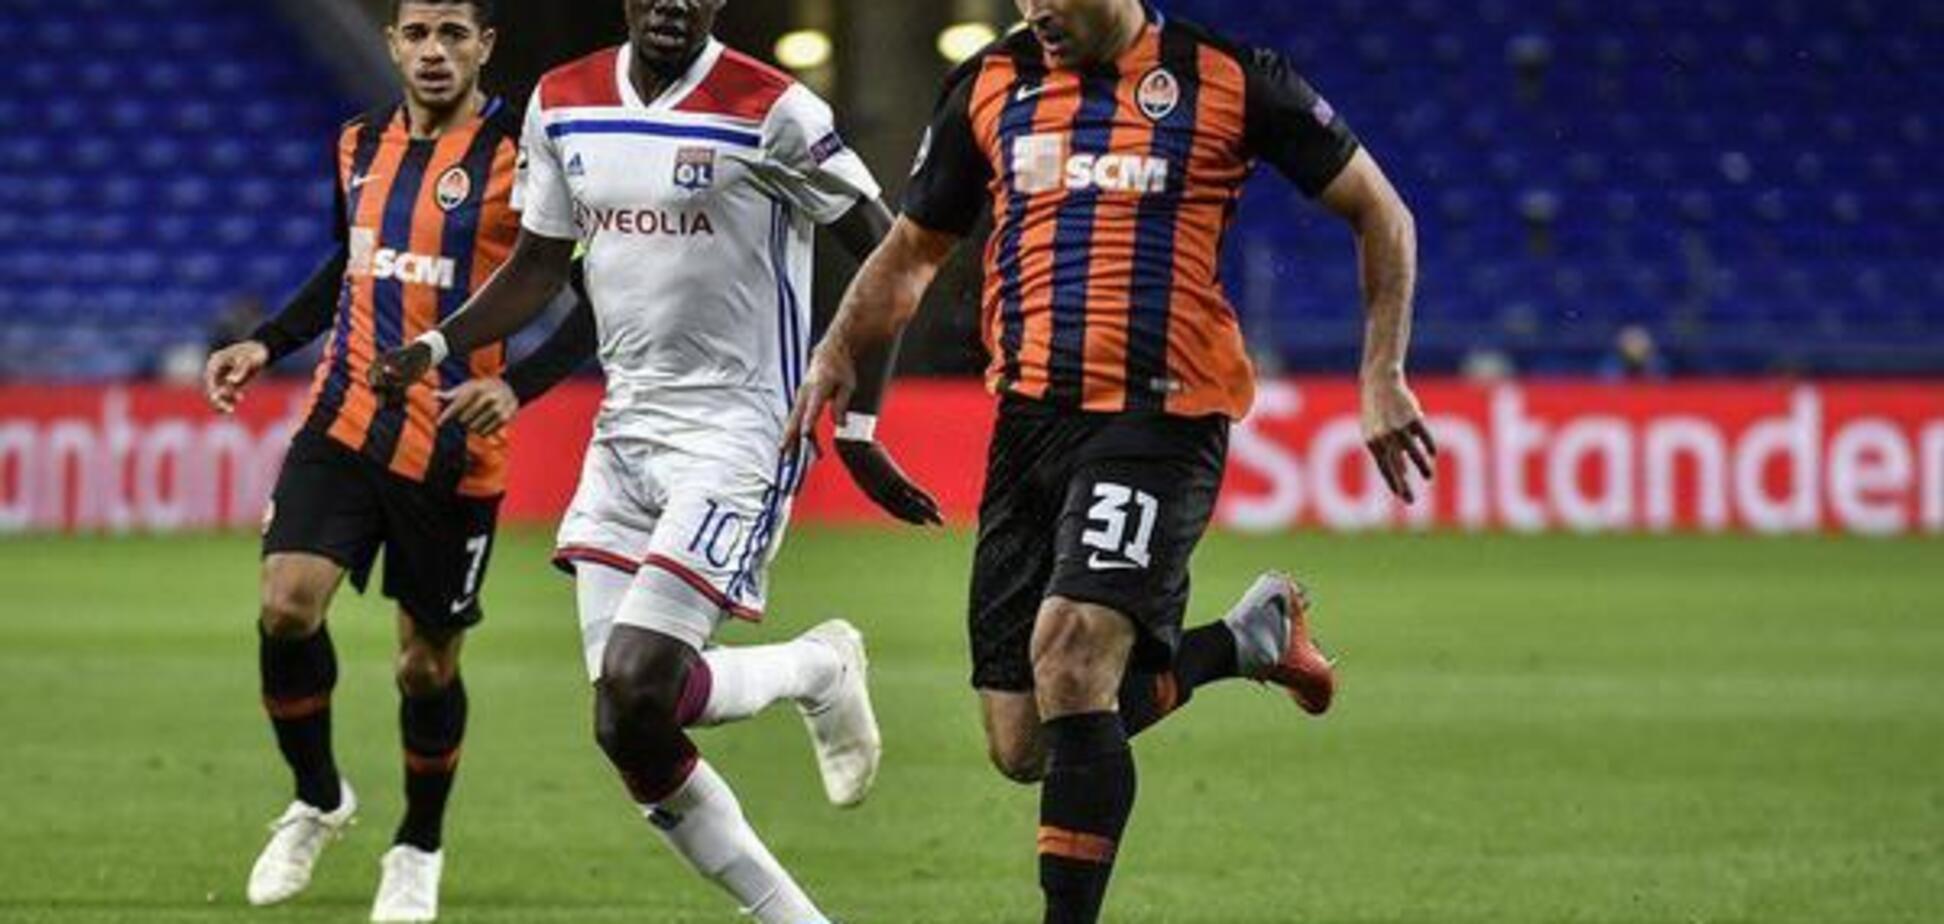 'Шахтер' обратился к Суркису из-за матча Лиги чемпионов